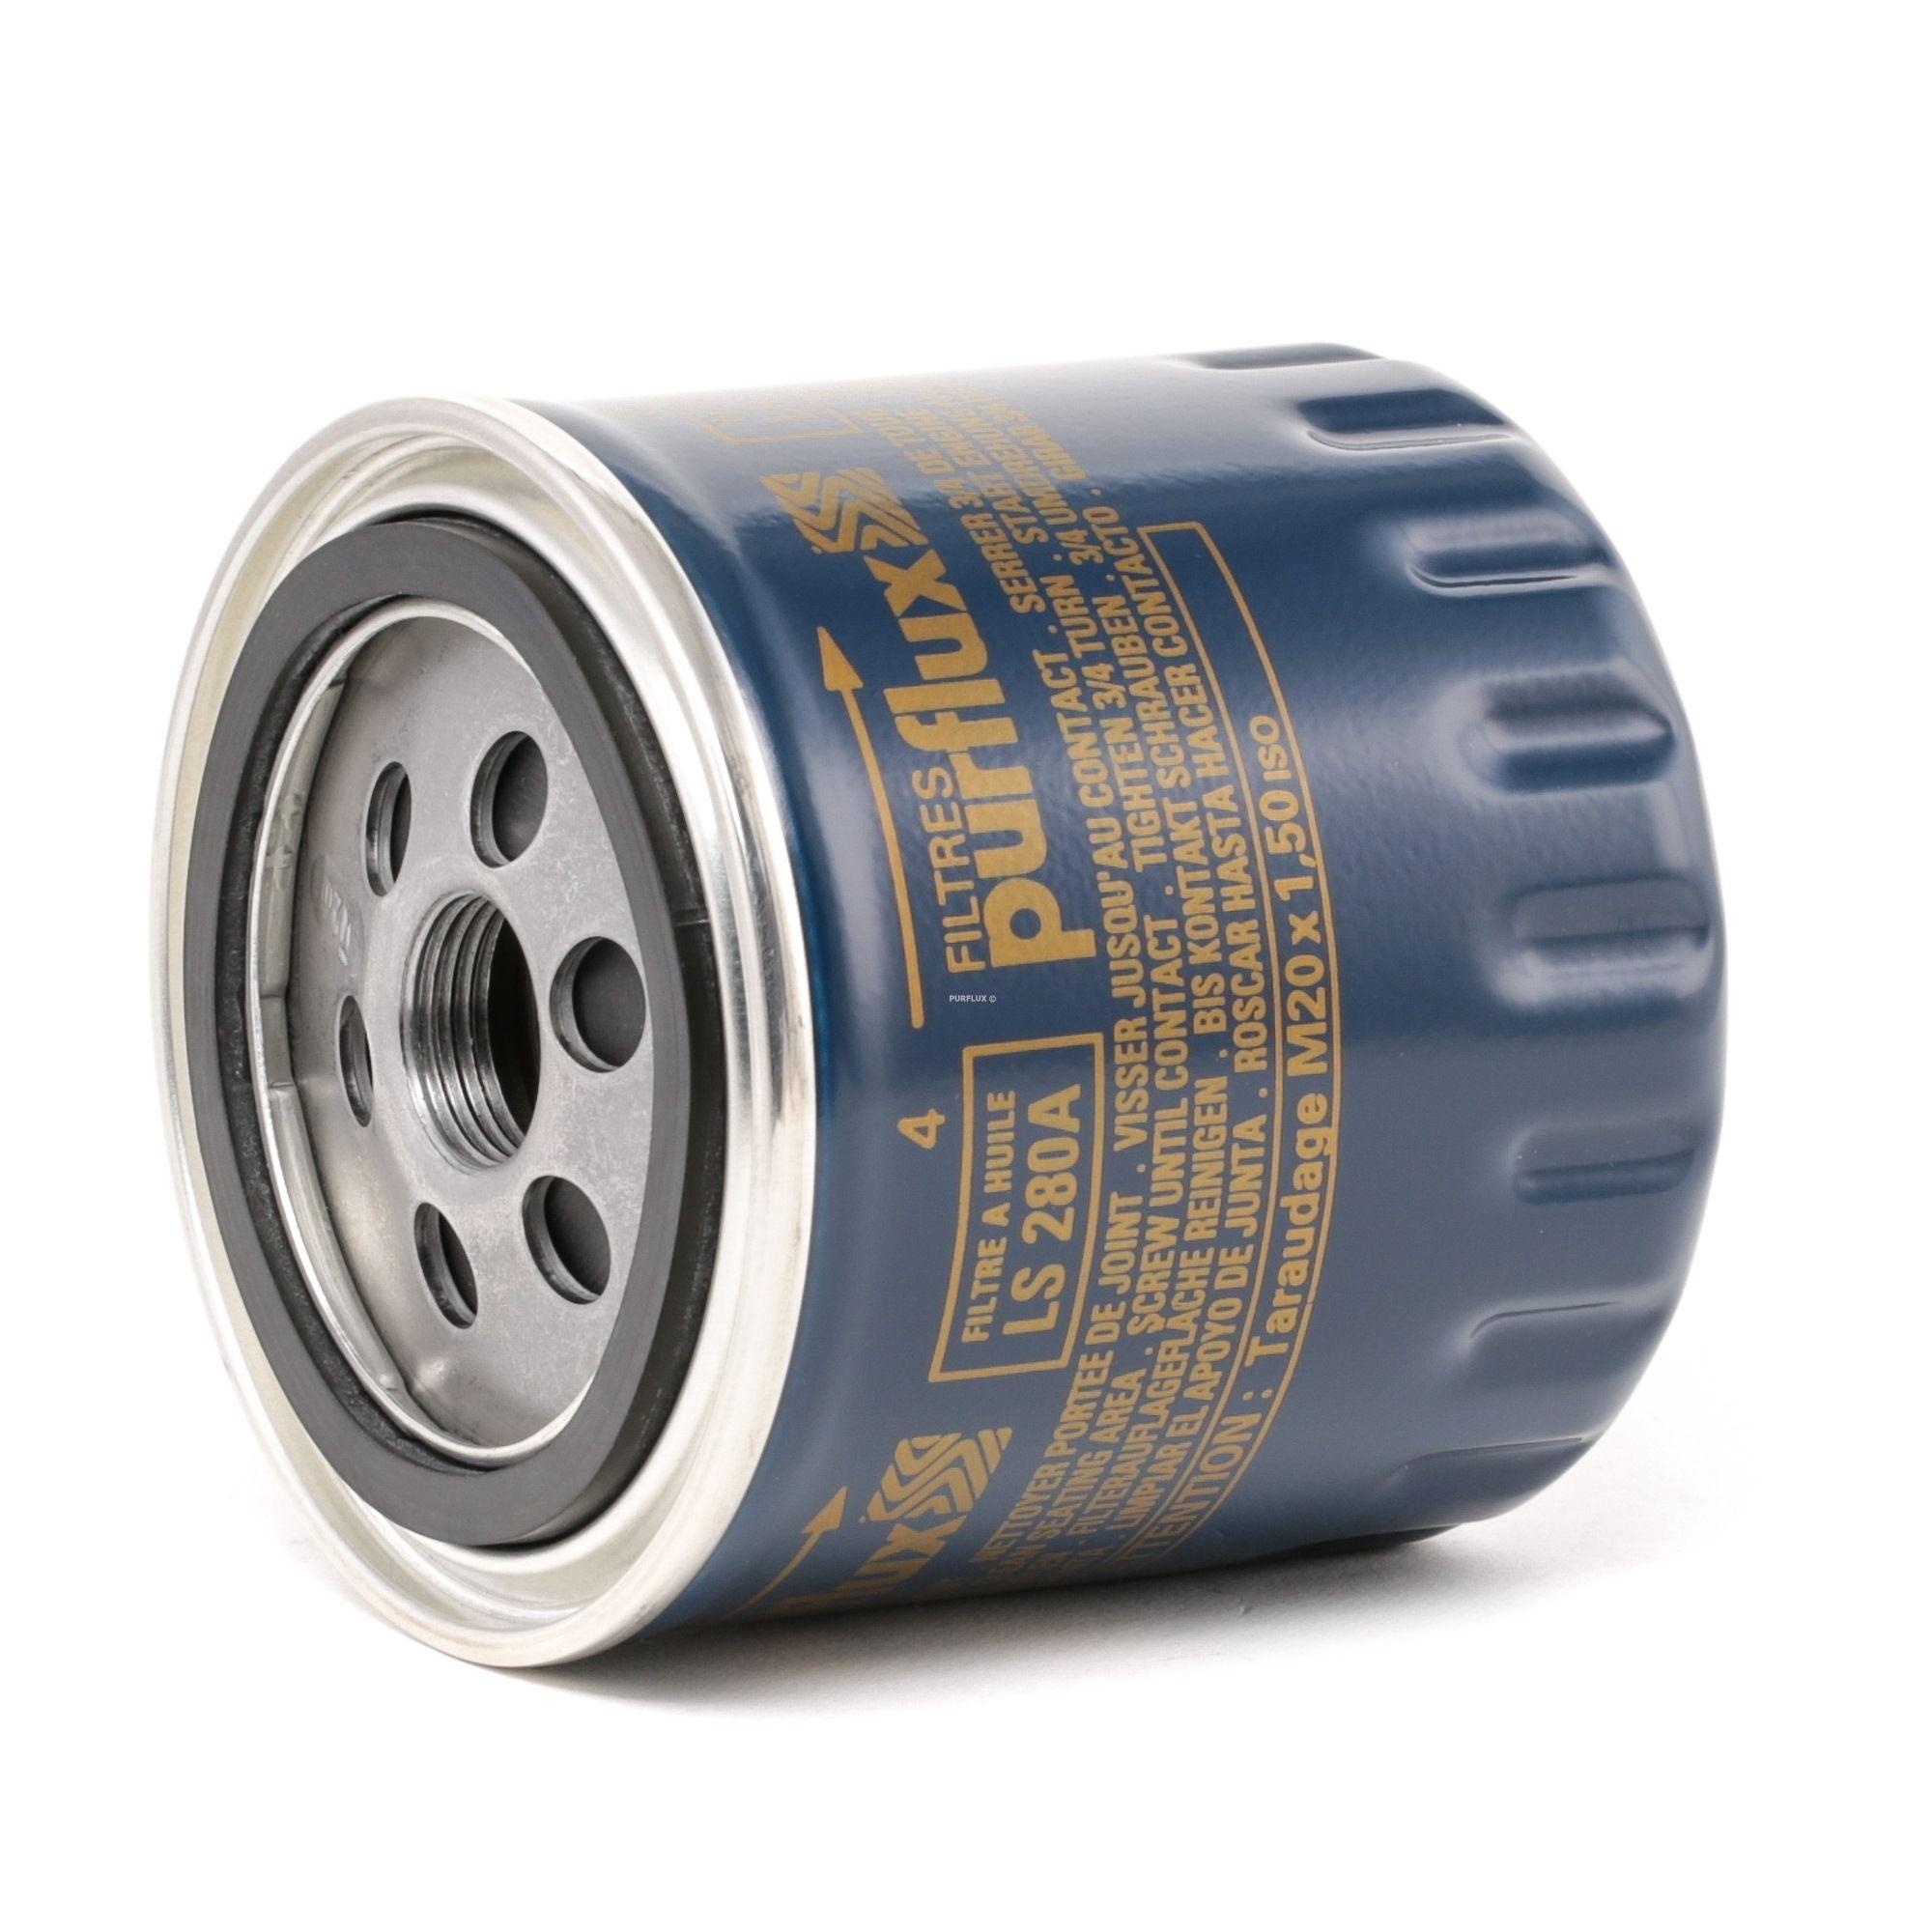 Pieces detachees RENAULT 20 1979 : Filtre à huile PURFLUX LS280A Ø: 86mm, Hauteur: 89mm - Achetez tout de suite!